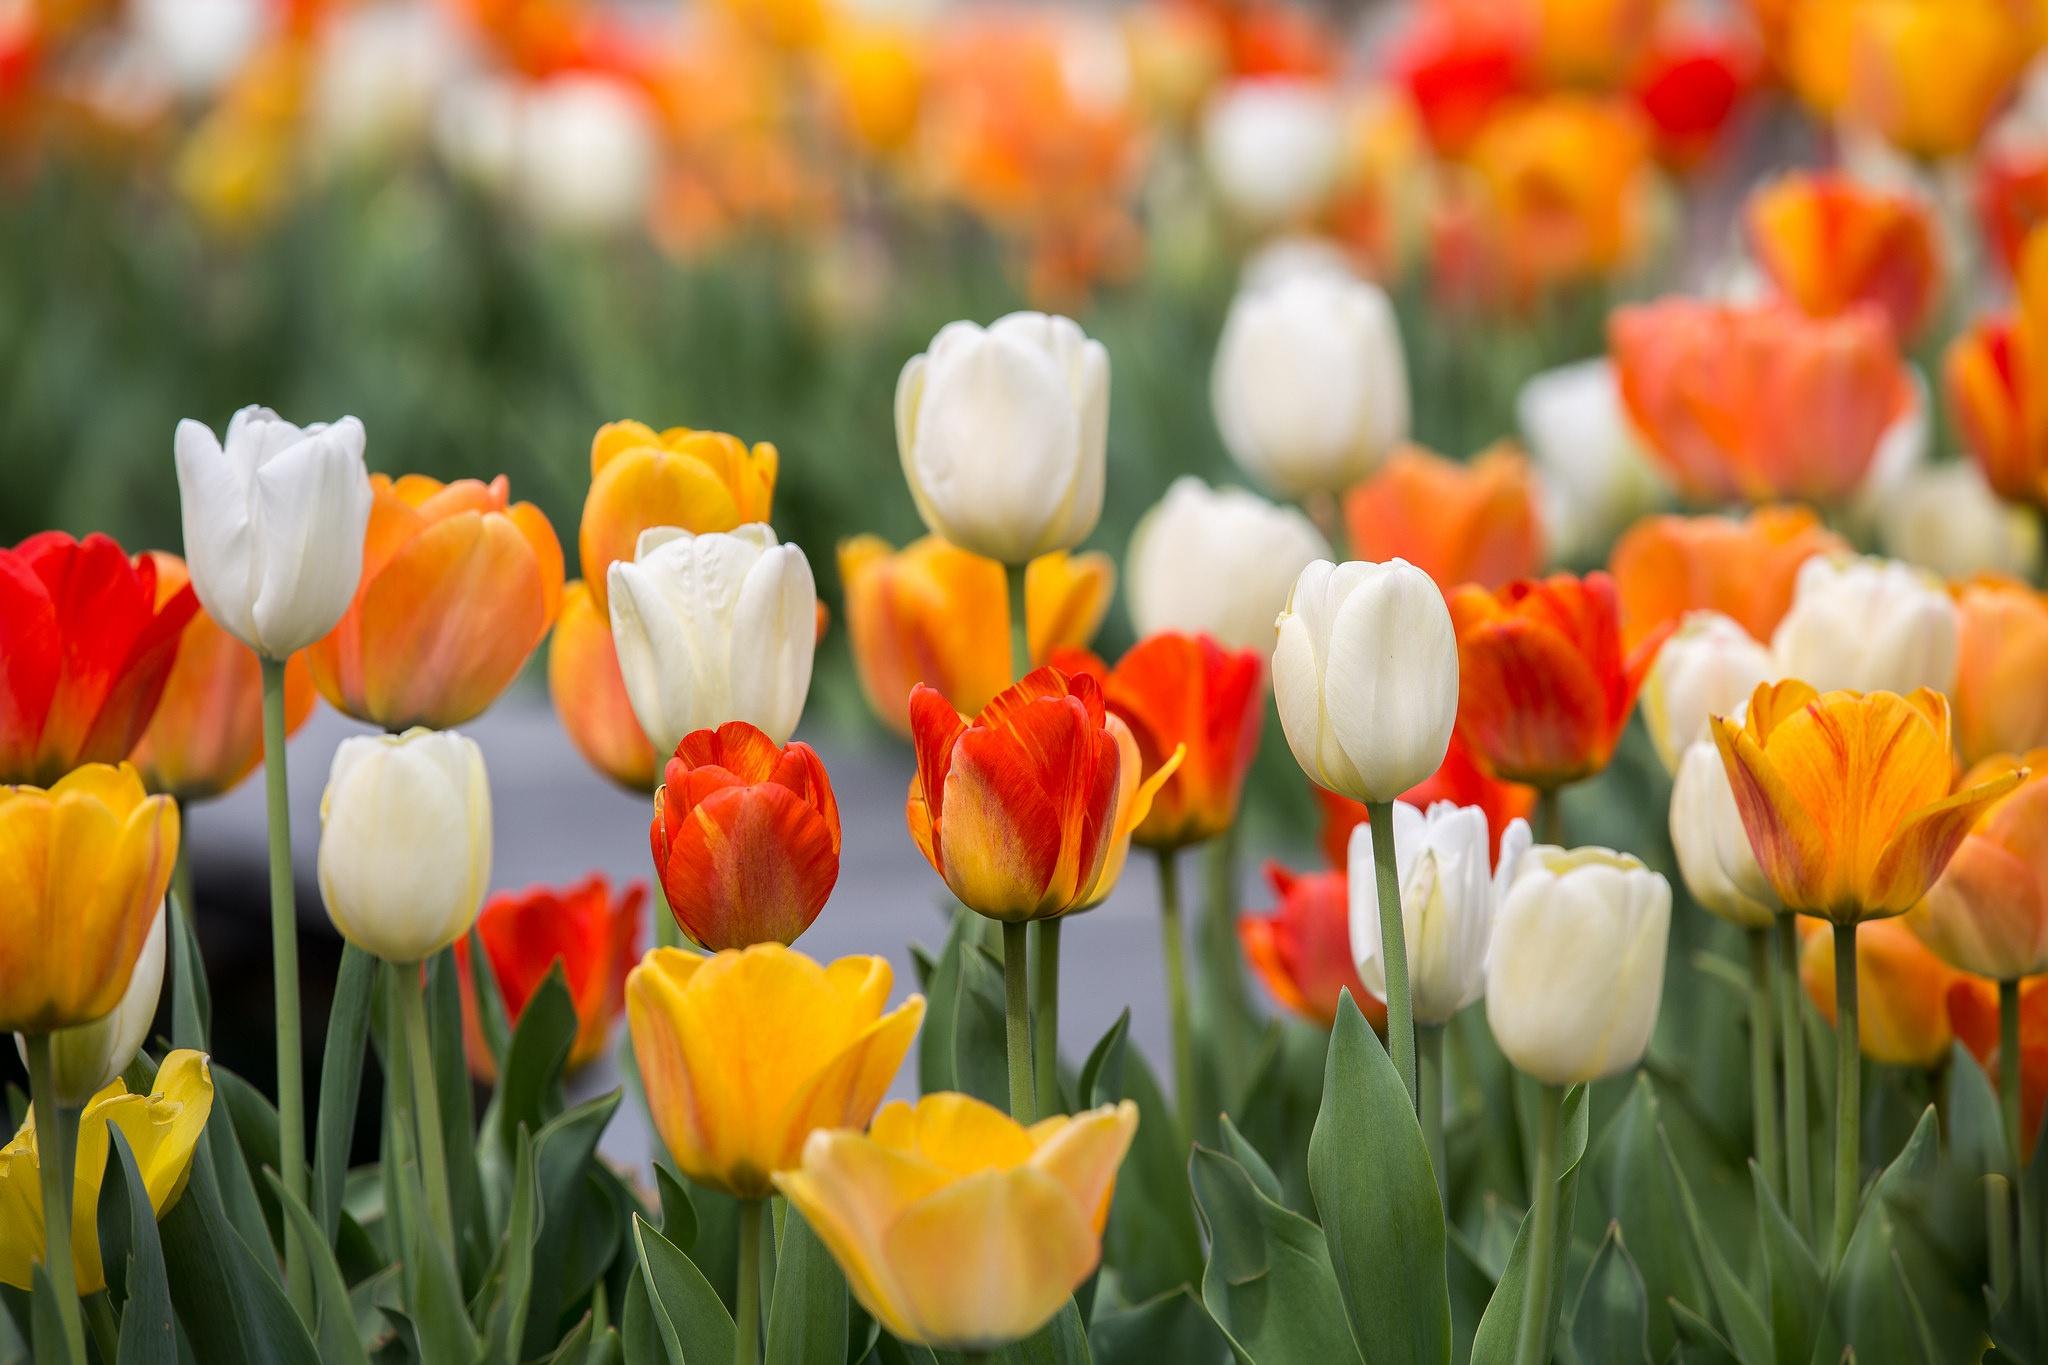 весна тюльпаны фото жилья осинниках